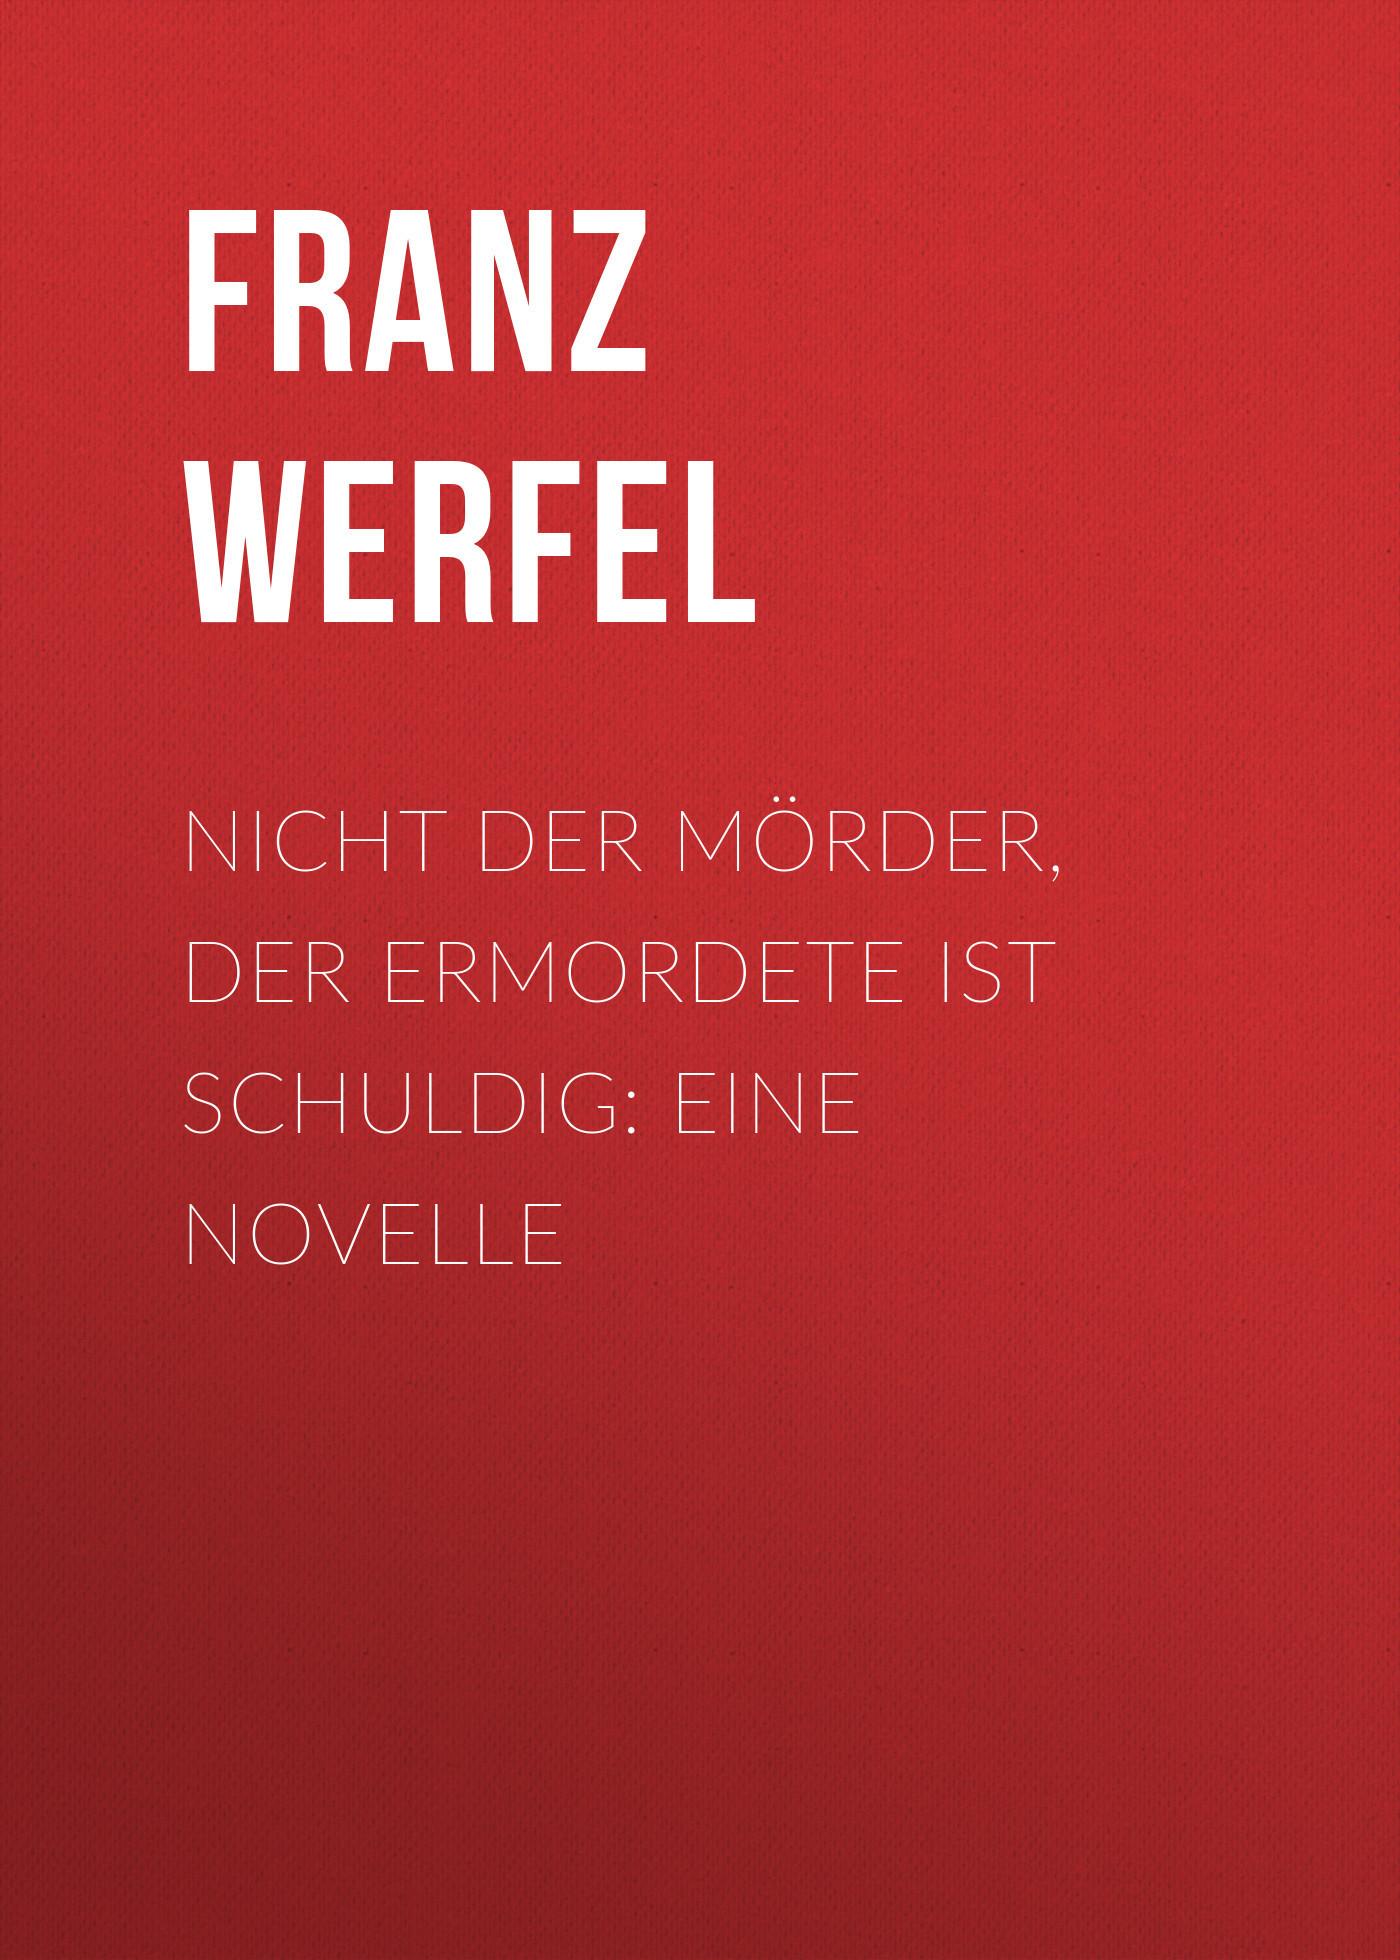 Franz Werfel Nicht der Mörder, der Ermordete ist schuldig: Eine Novelle ботинки der spur der spur de034amwiz42